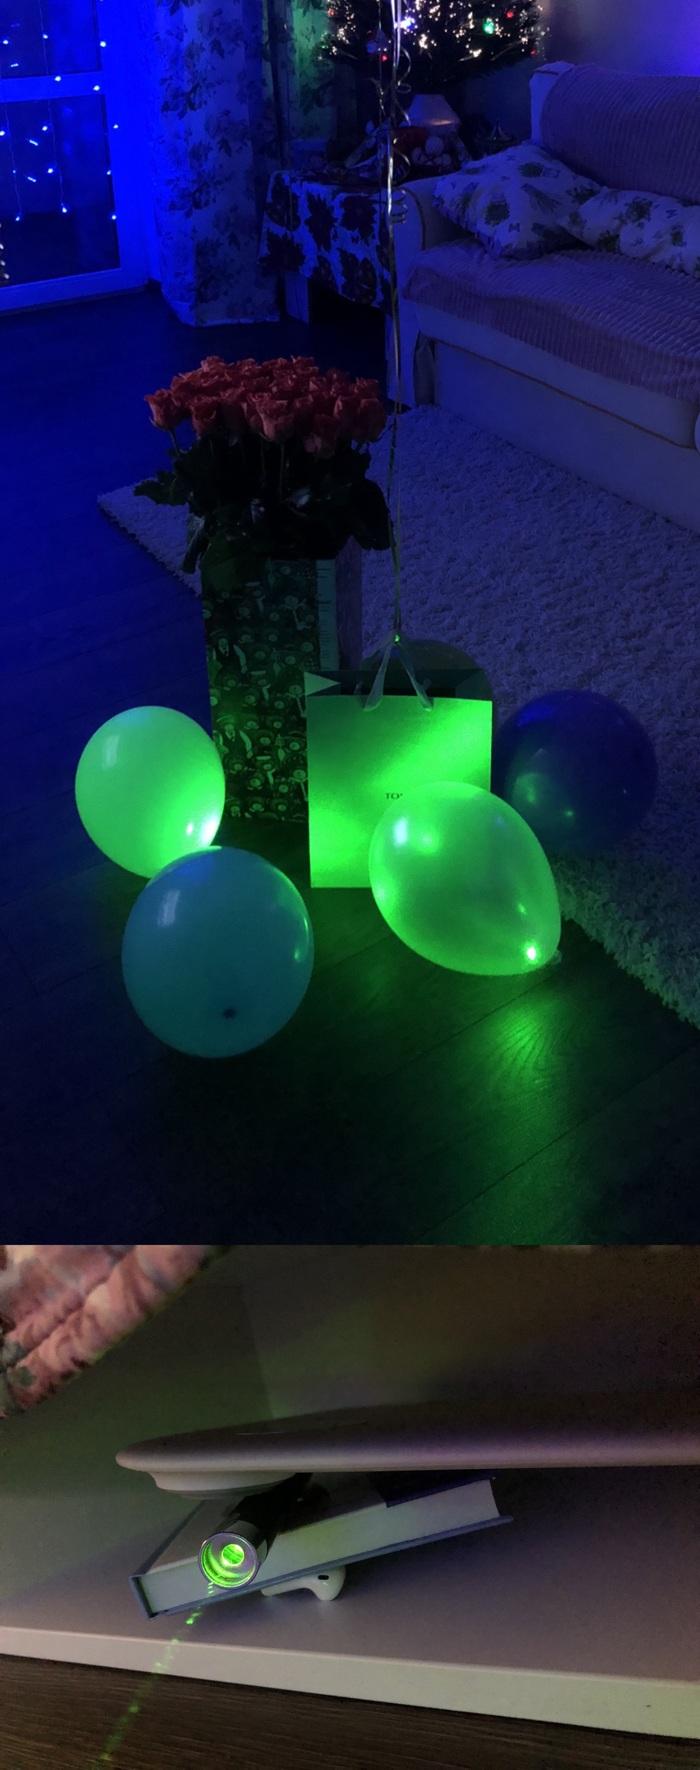 Красота за кулисами Подсветка, Лазер, Высокотехнологичная установка, Длиннопост